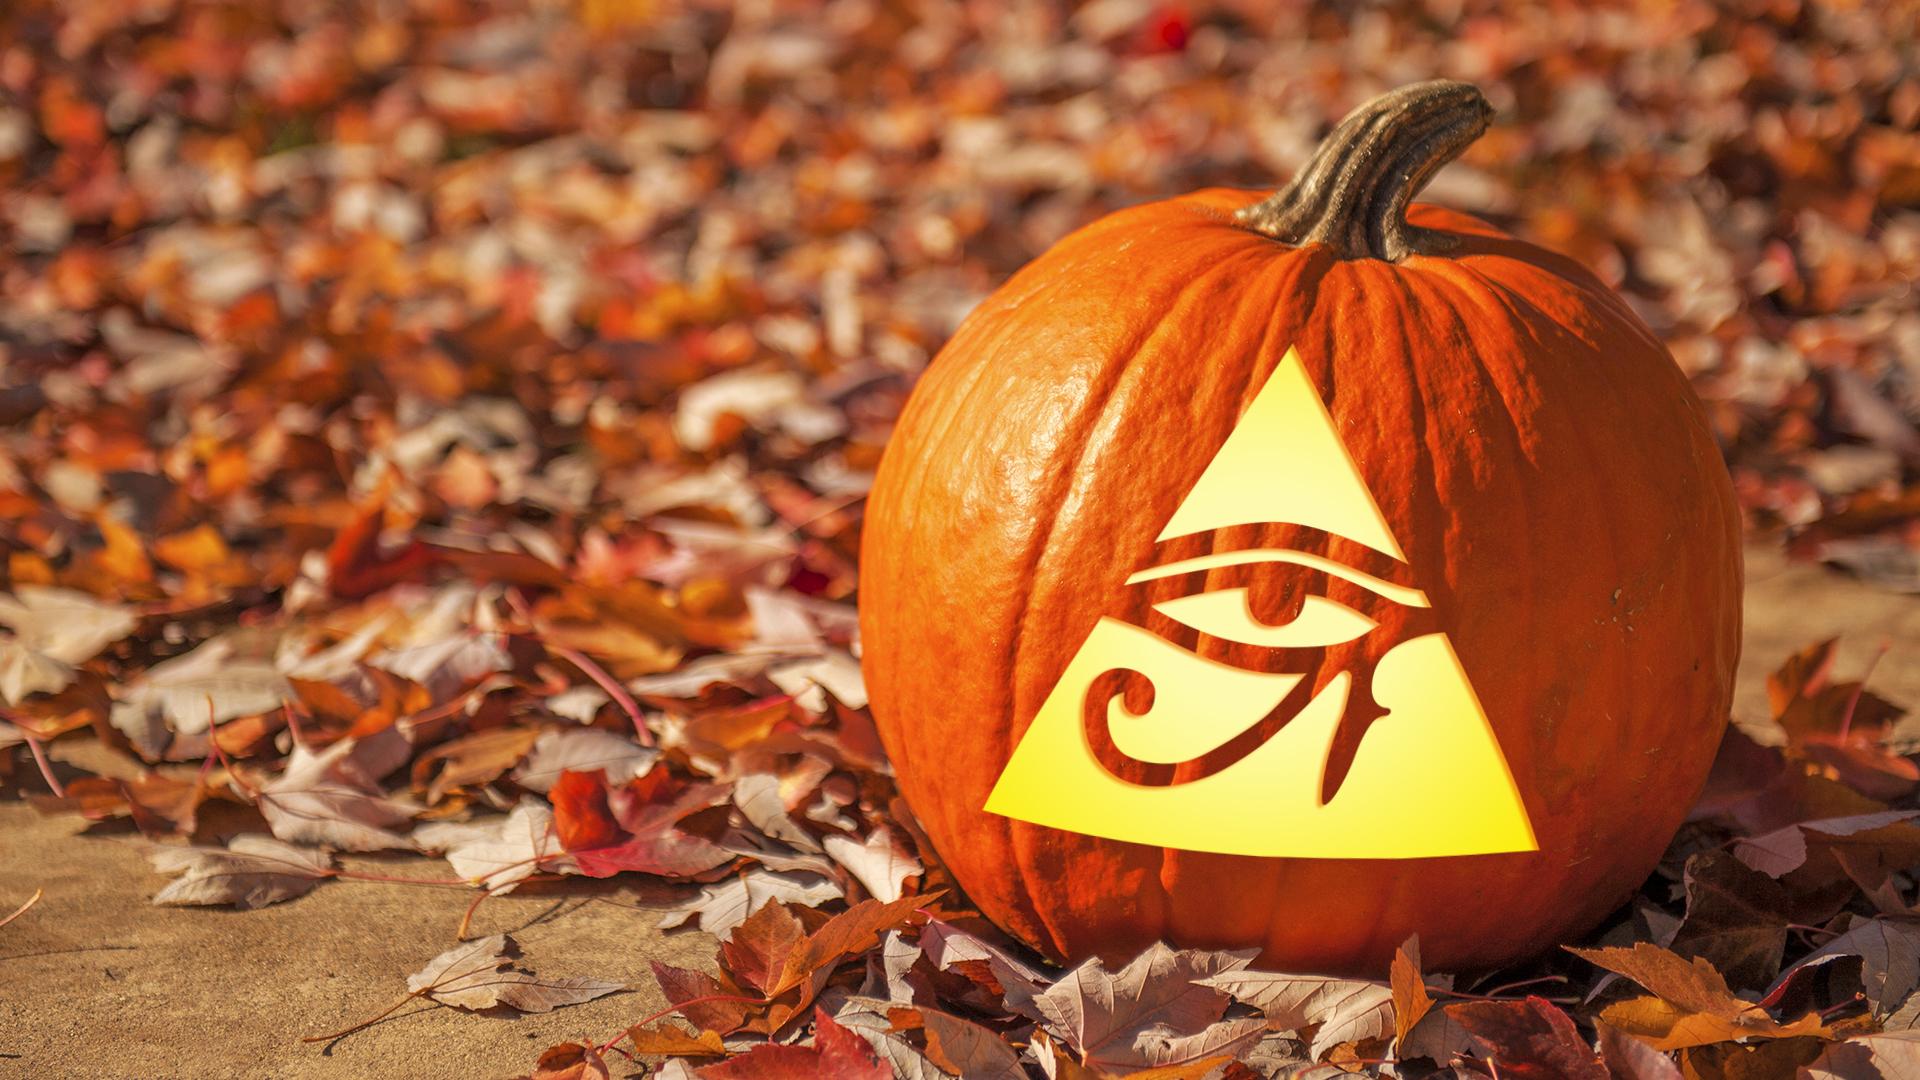 Illuminati pumpkin carving template